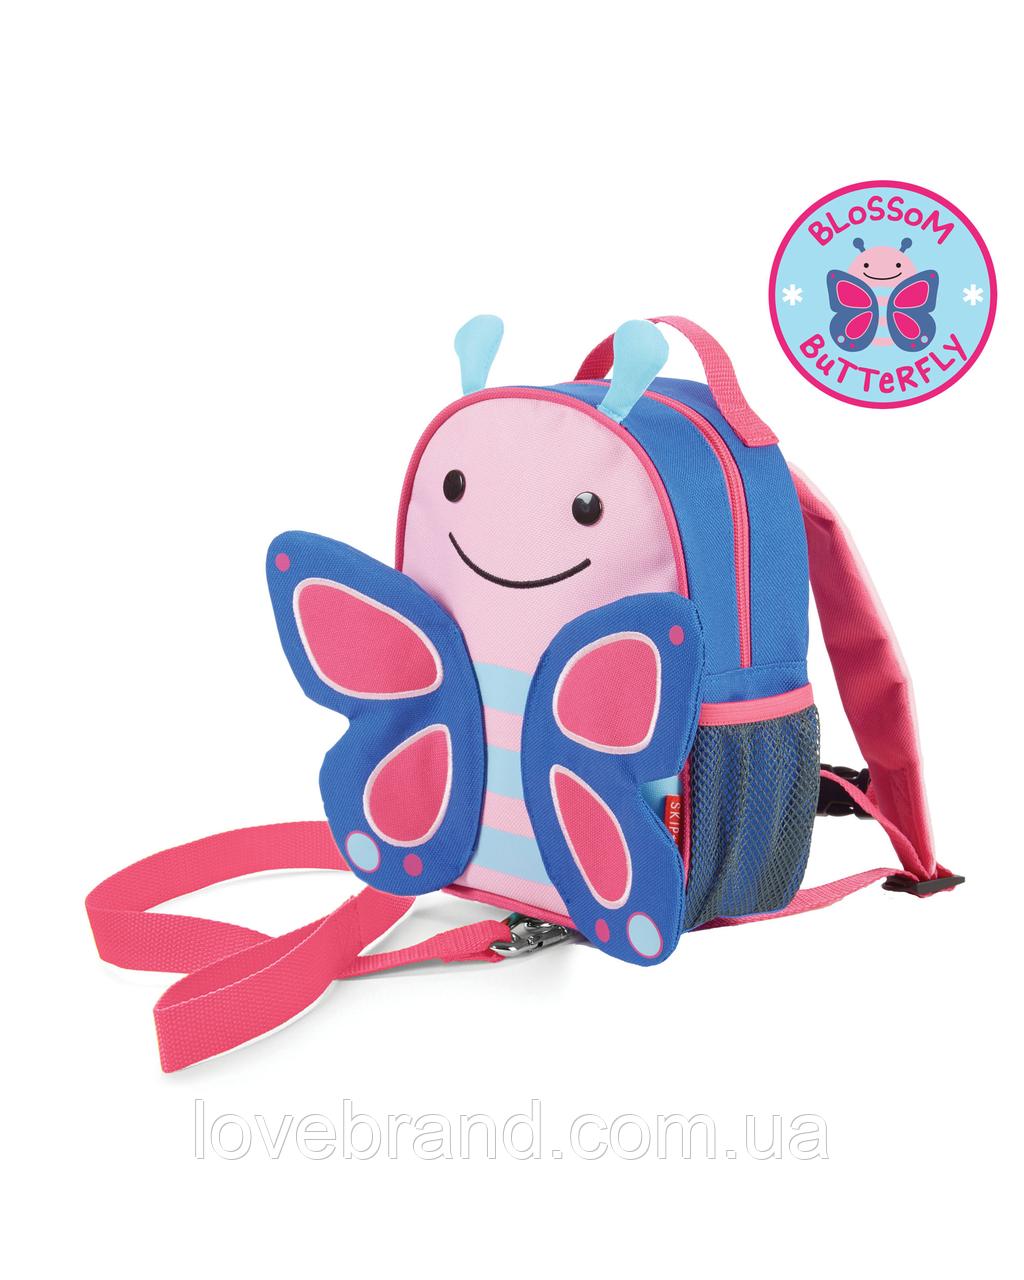 """Рюкзак для девочки SkipHop """"Бабочка"""" с поводком, рюкзачок детский Скип Хоп"""